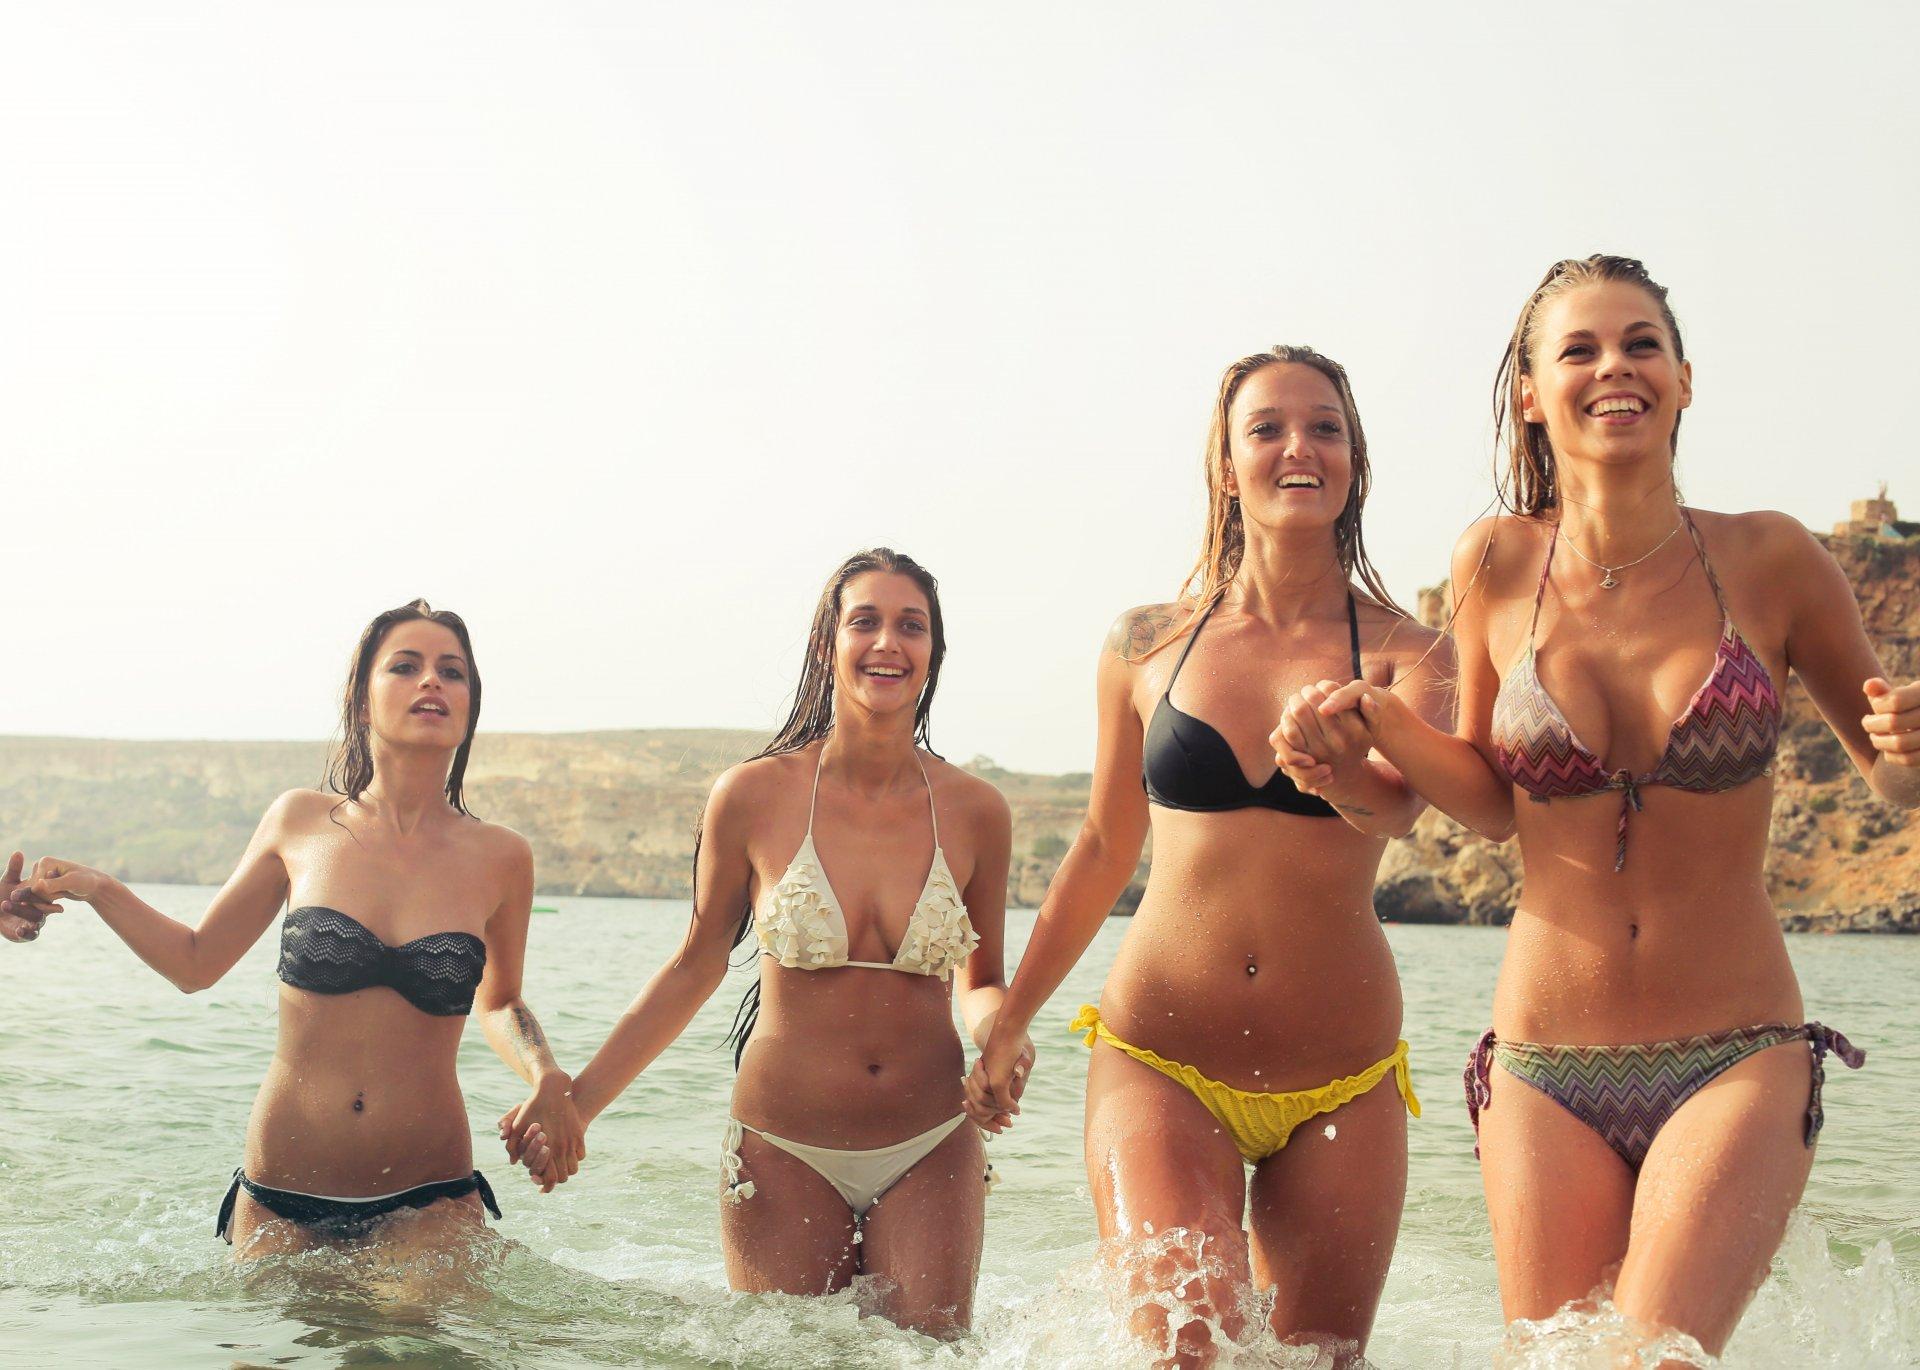 group-of-woman-wearing-bikini-on-body-of-water-815996.jpg